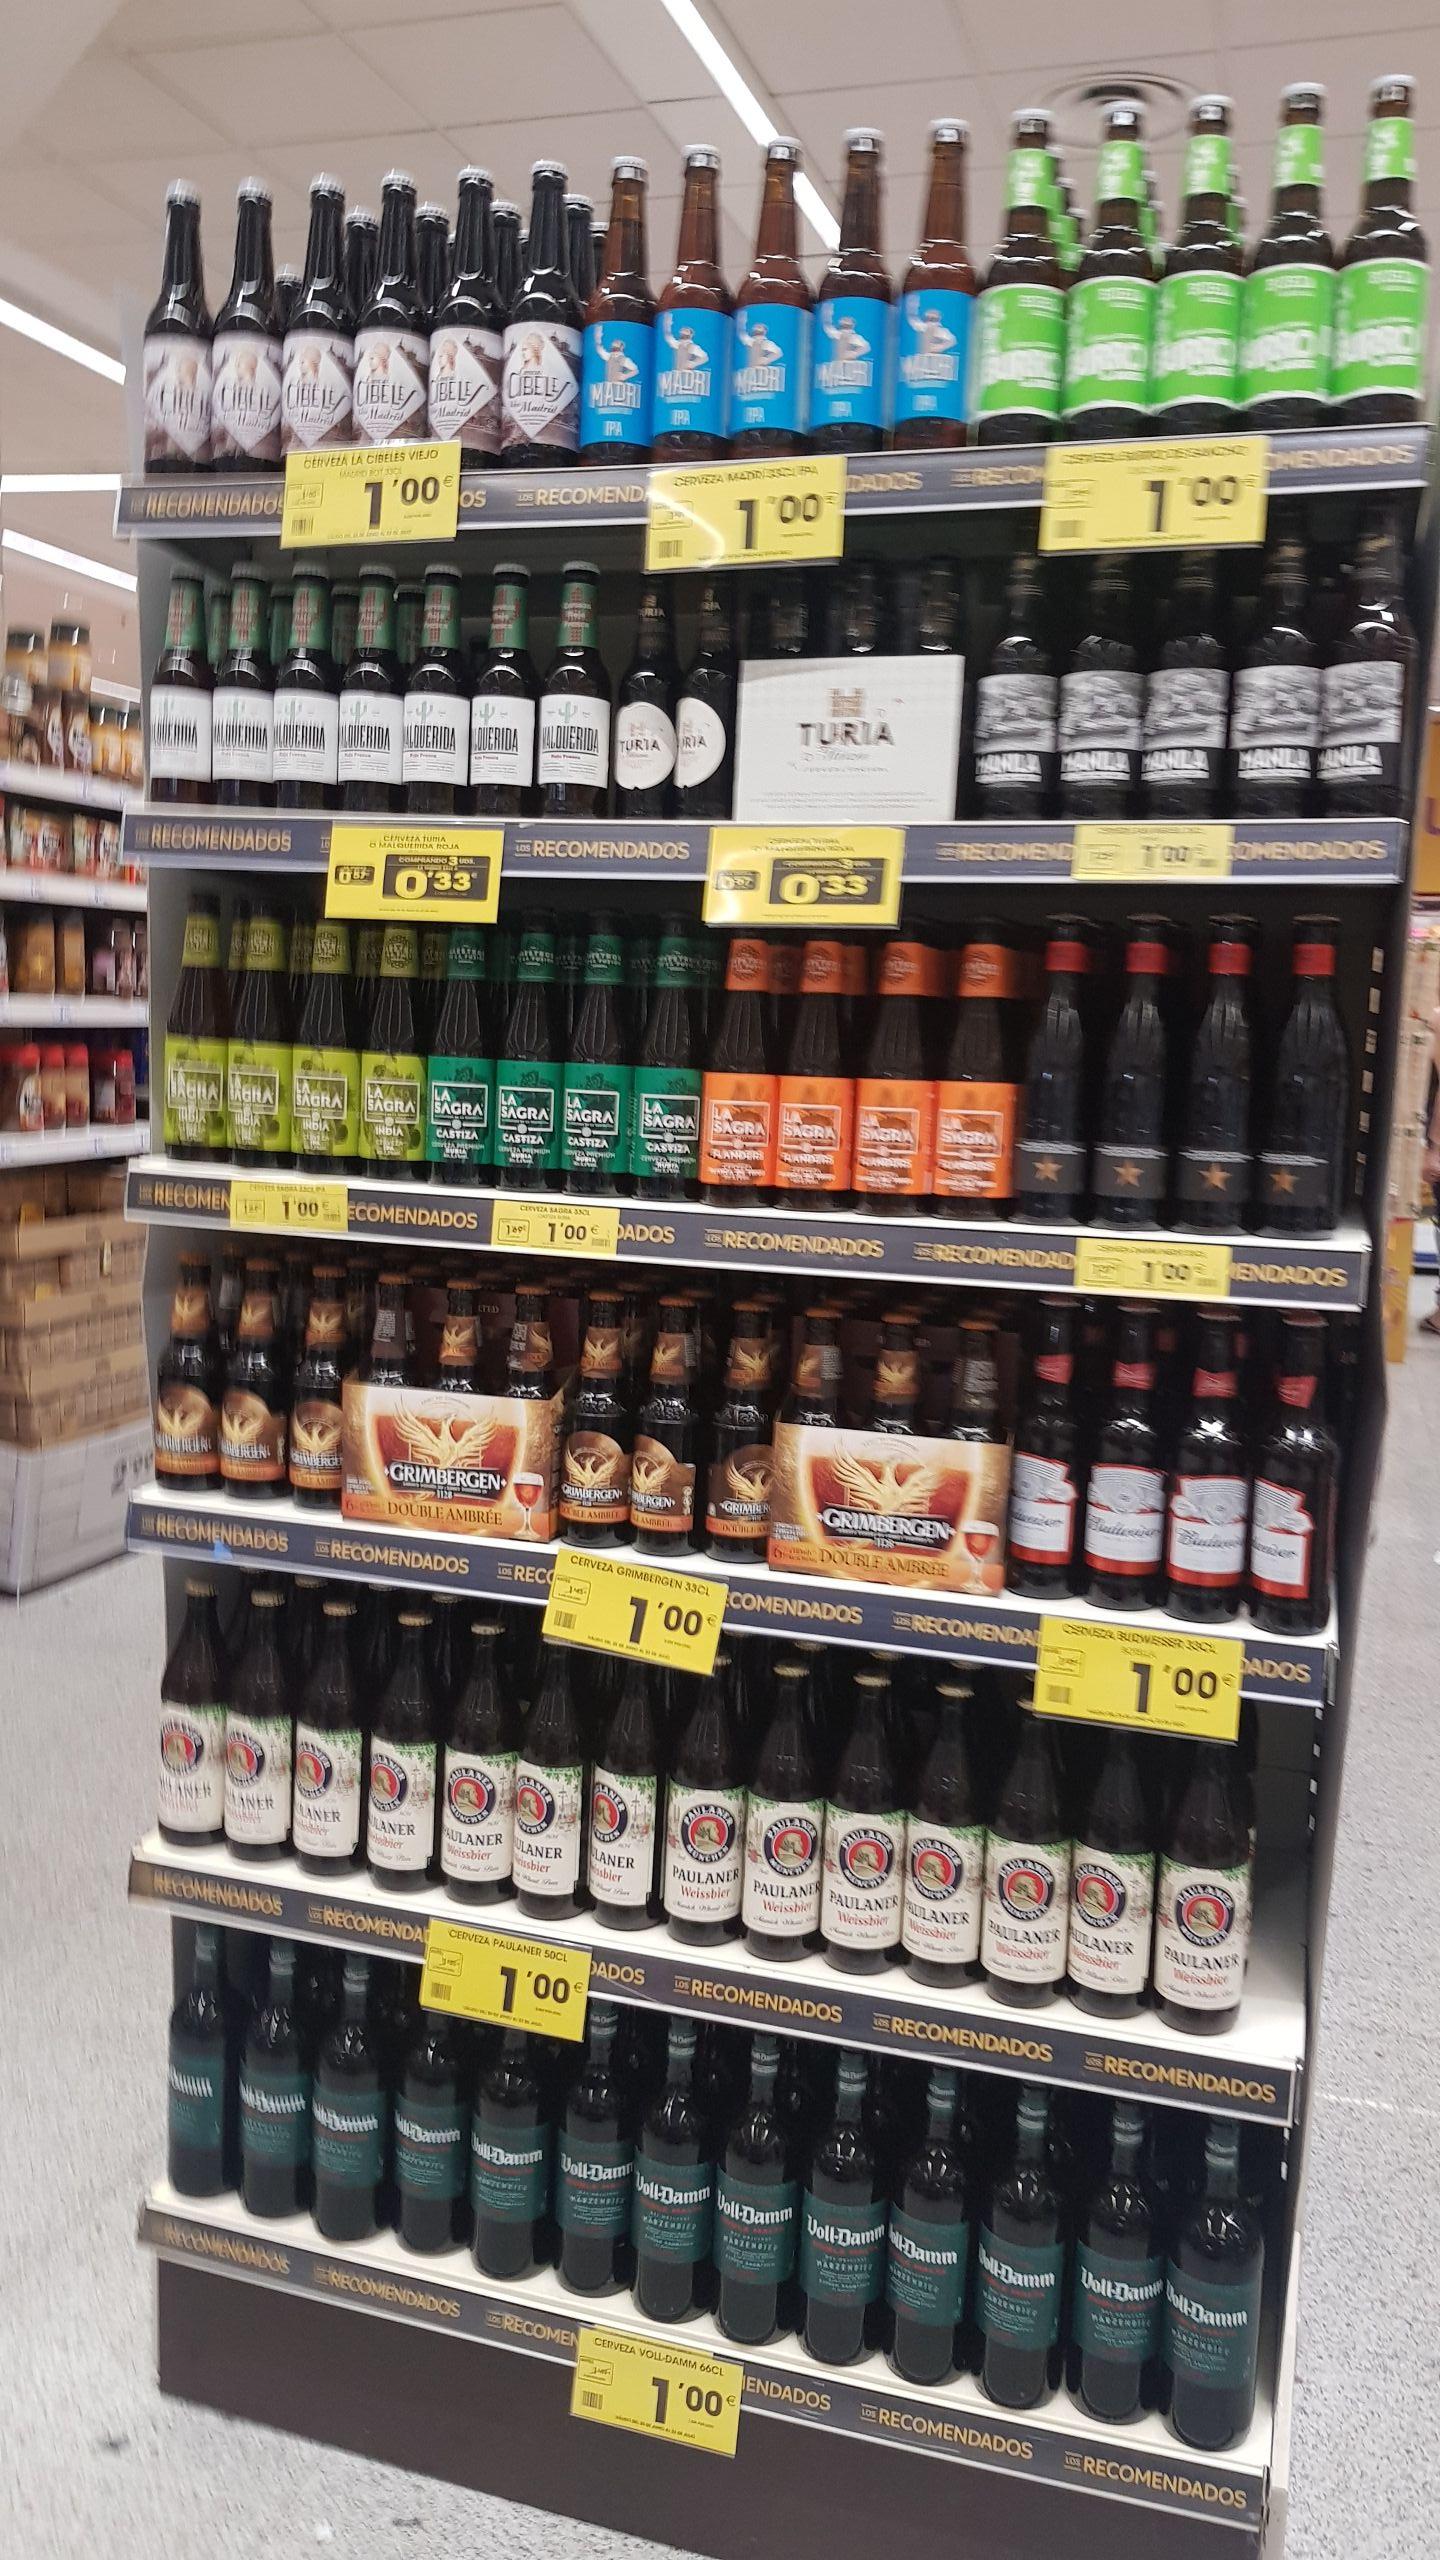 Cervezas a 1 euro o menos, en supermercados ahorramas